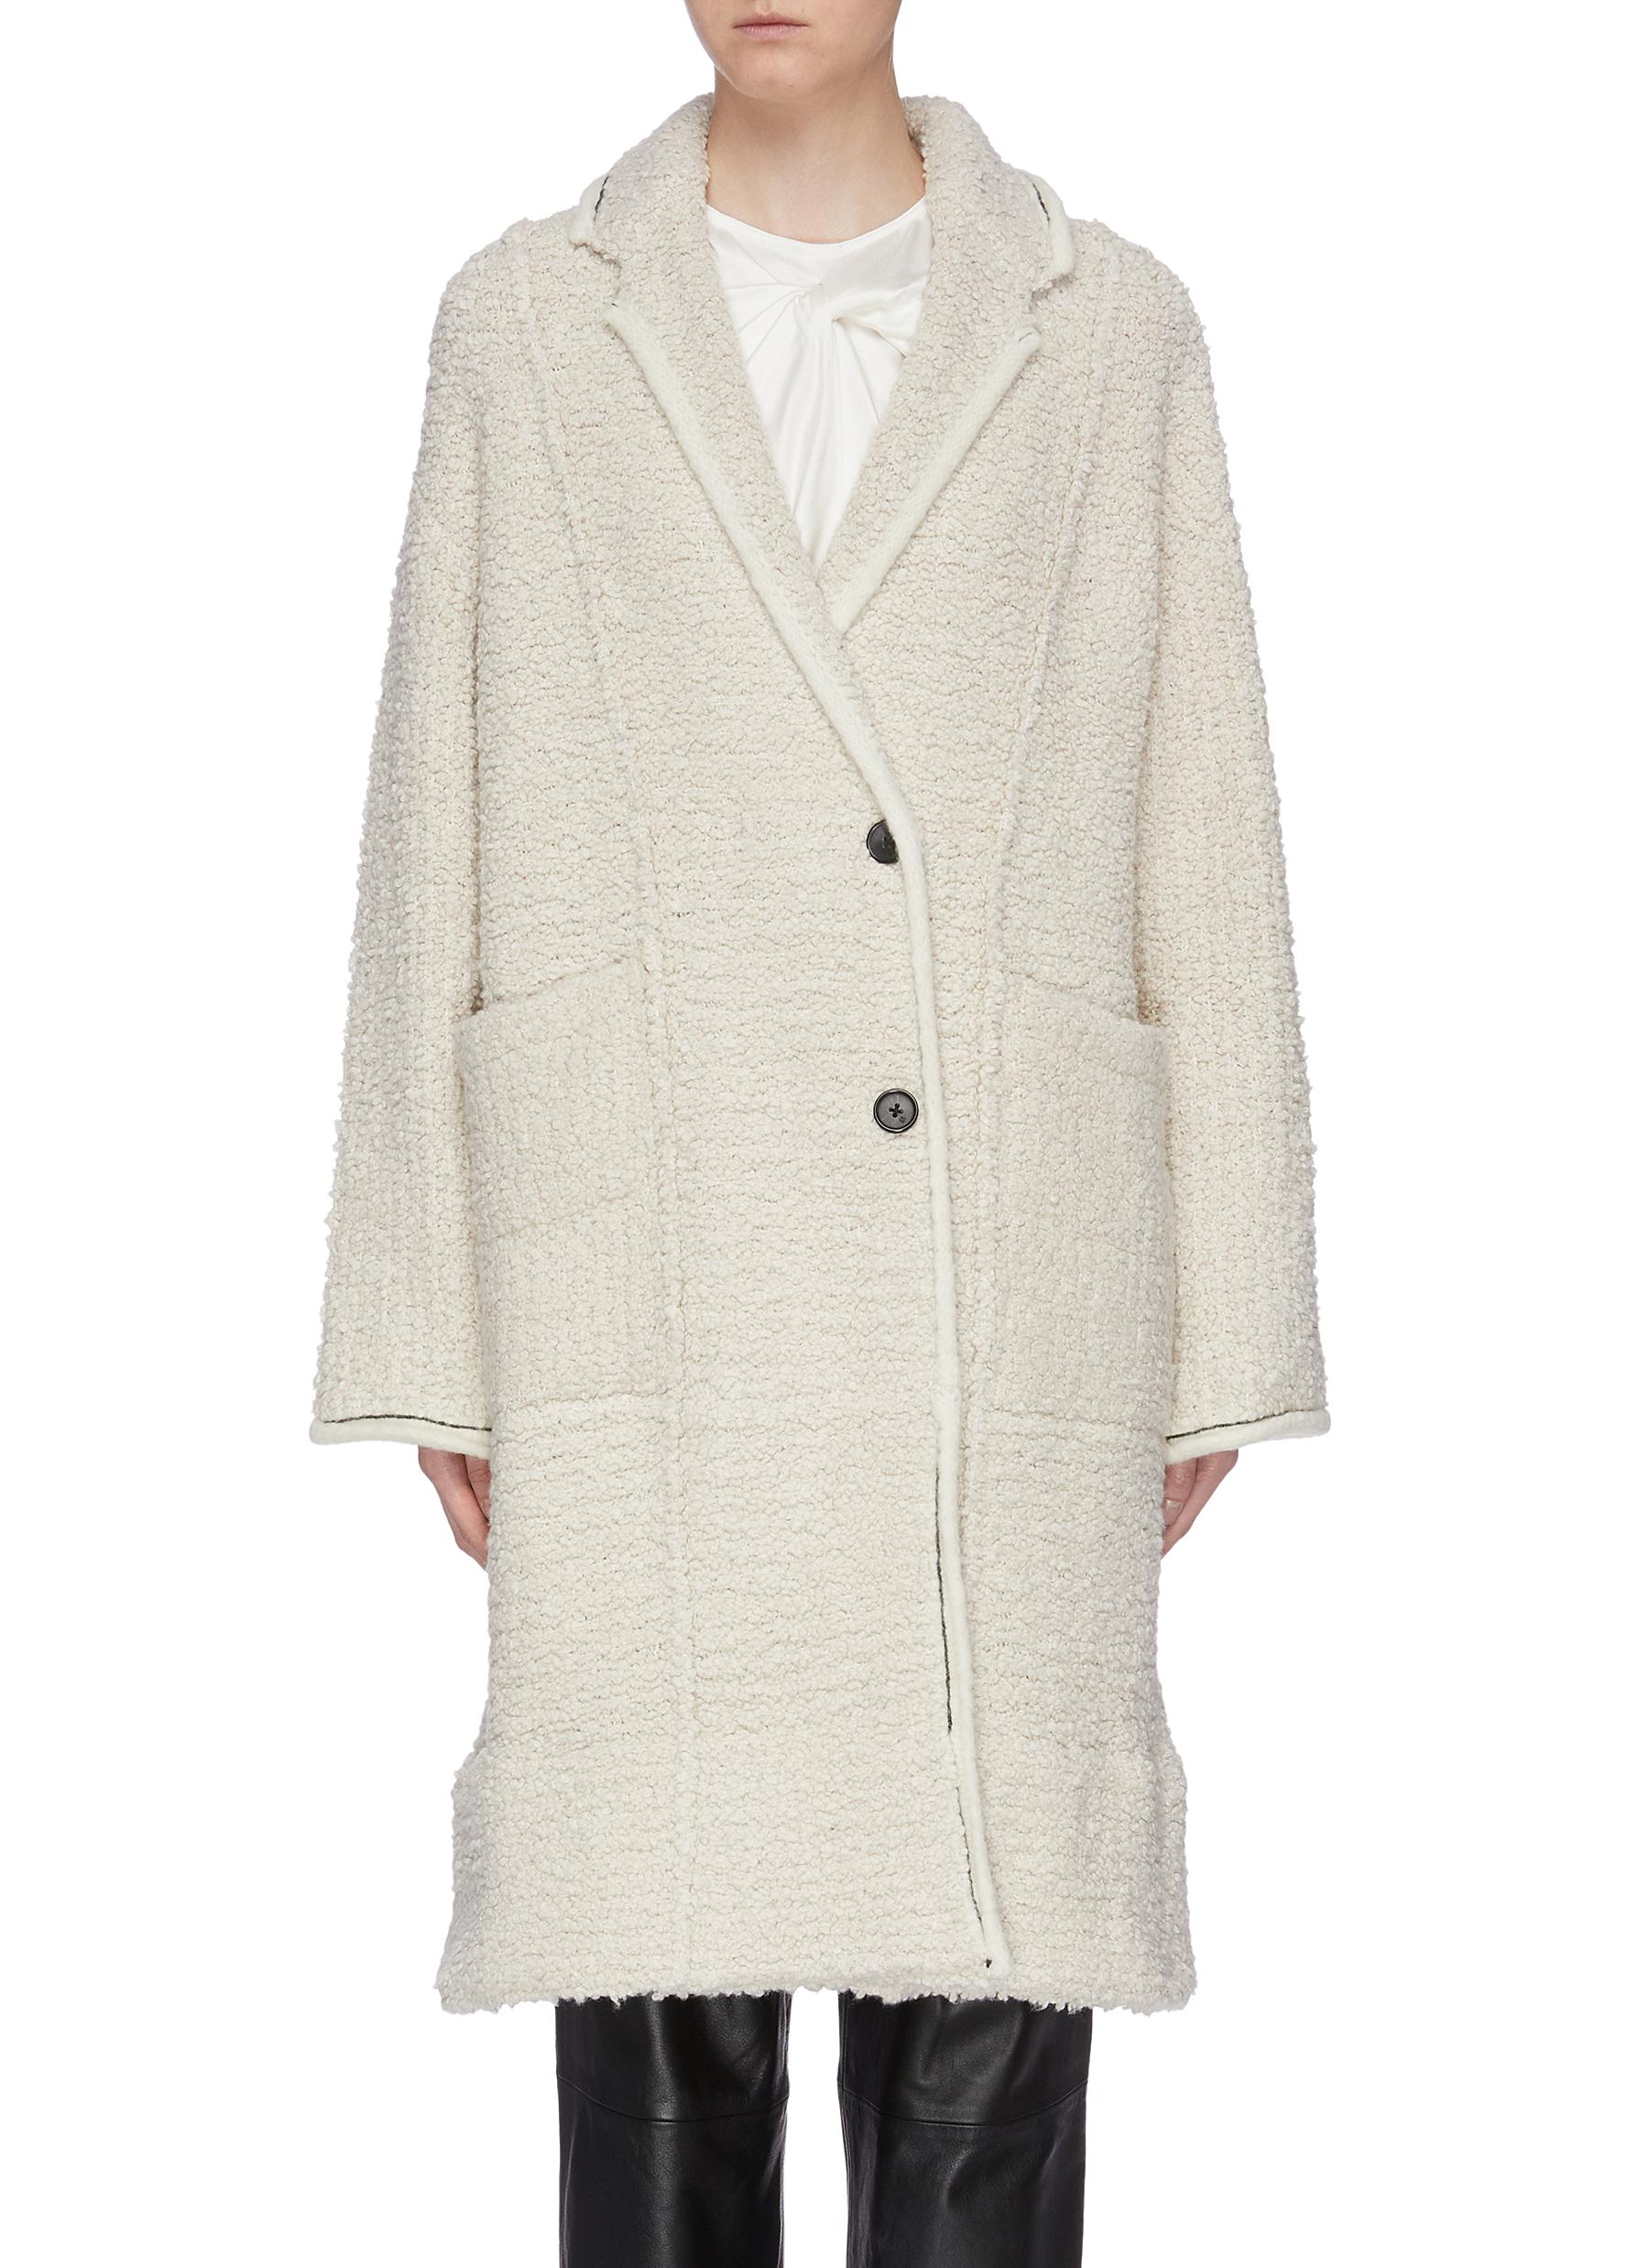 Patch pocket oversized bouclé coat by 3.1 Phillip Lim